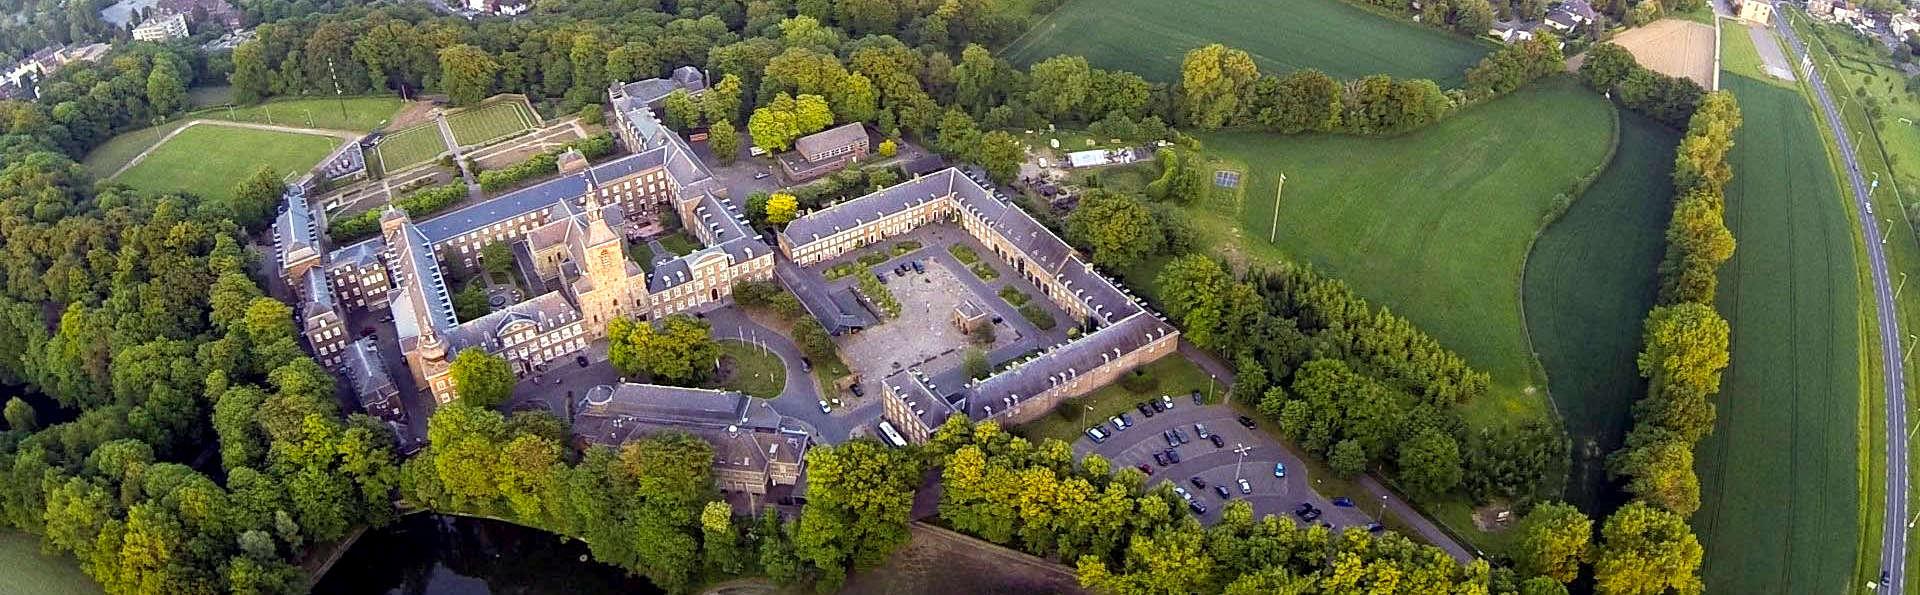 Een uitgebreide high tea in een bijzondere abdij in Zuid-Limburg (vanaf 2 nachten)